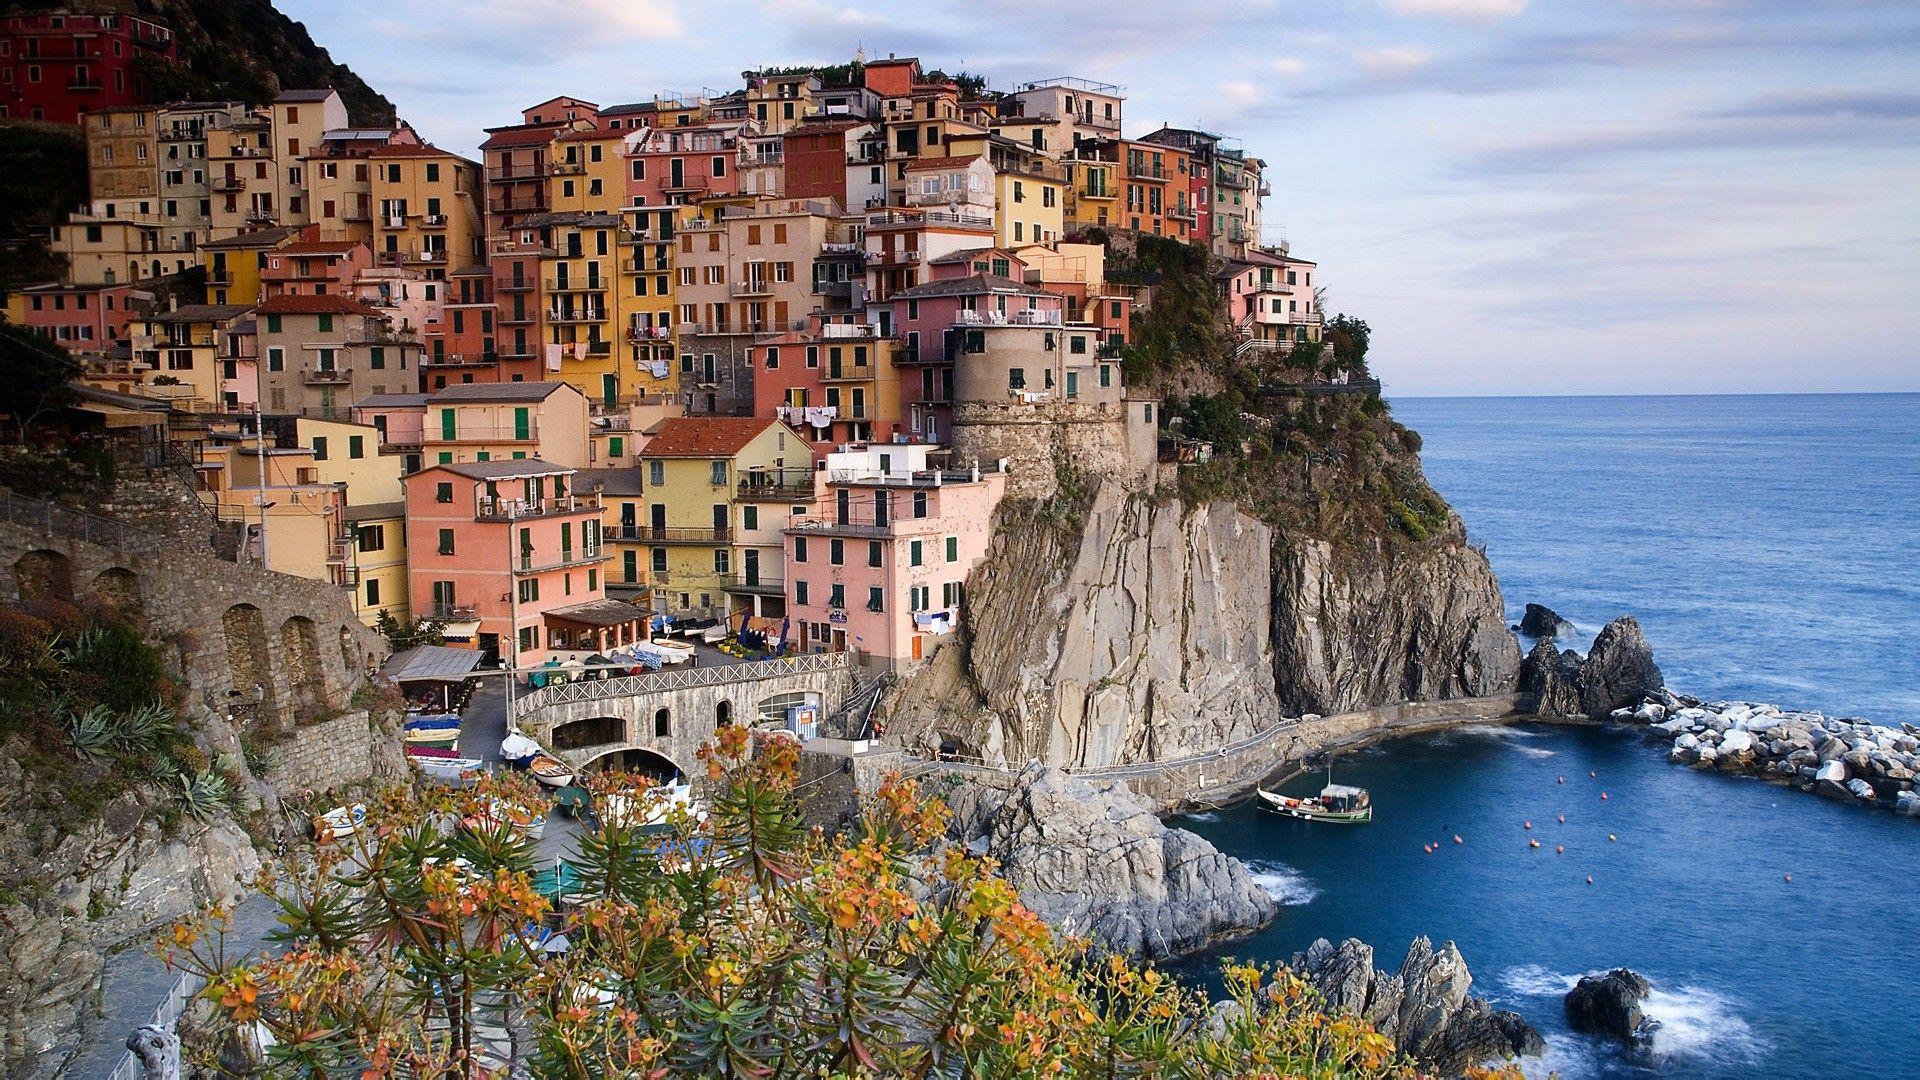 意大利风景超清笔记本电脑桌面壁纸,分辨率为1920x1080图片